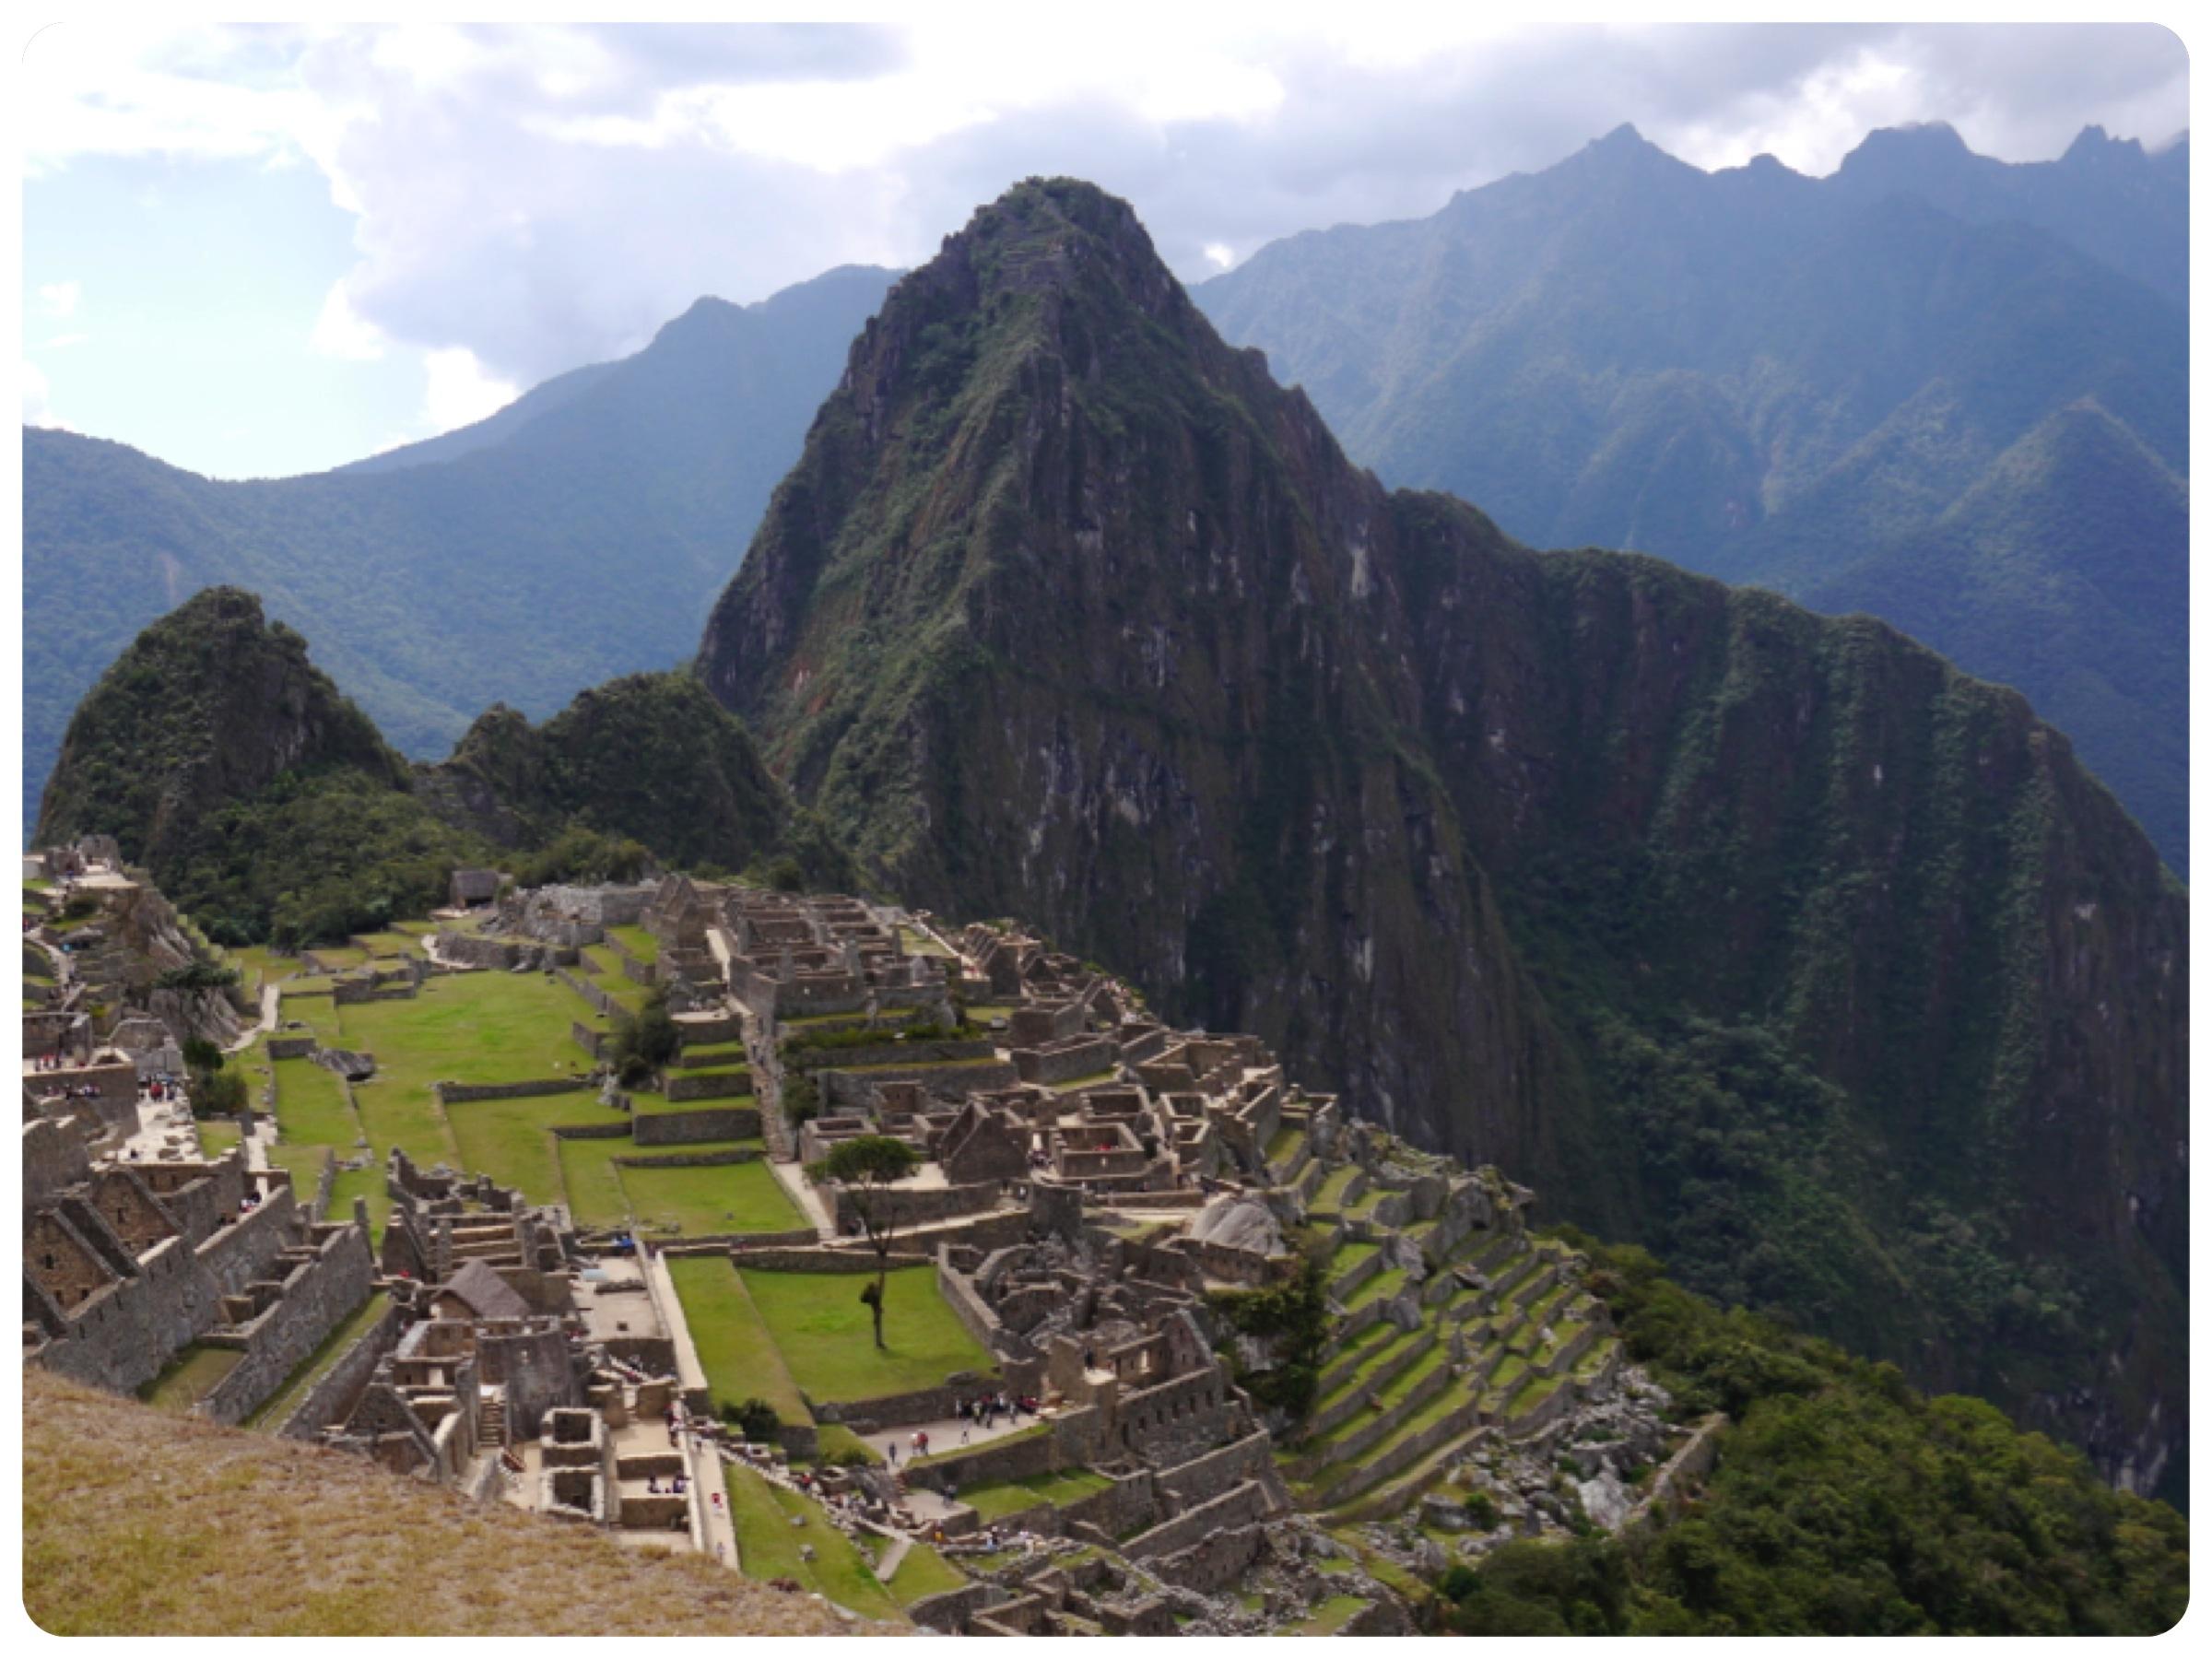 Le majesteux, le mythique, le magique Machu Picchu